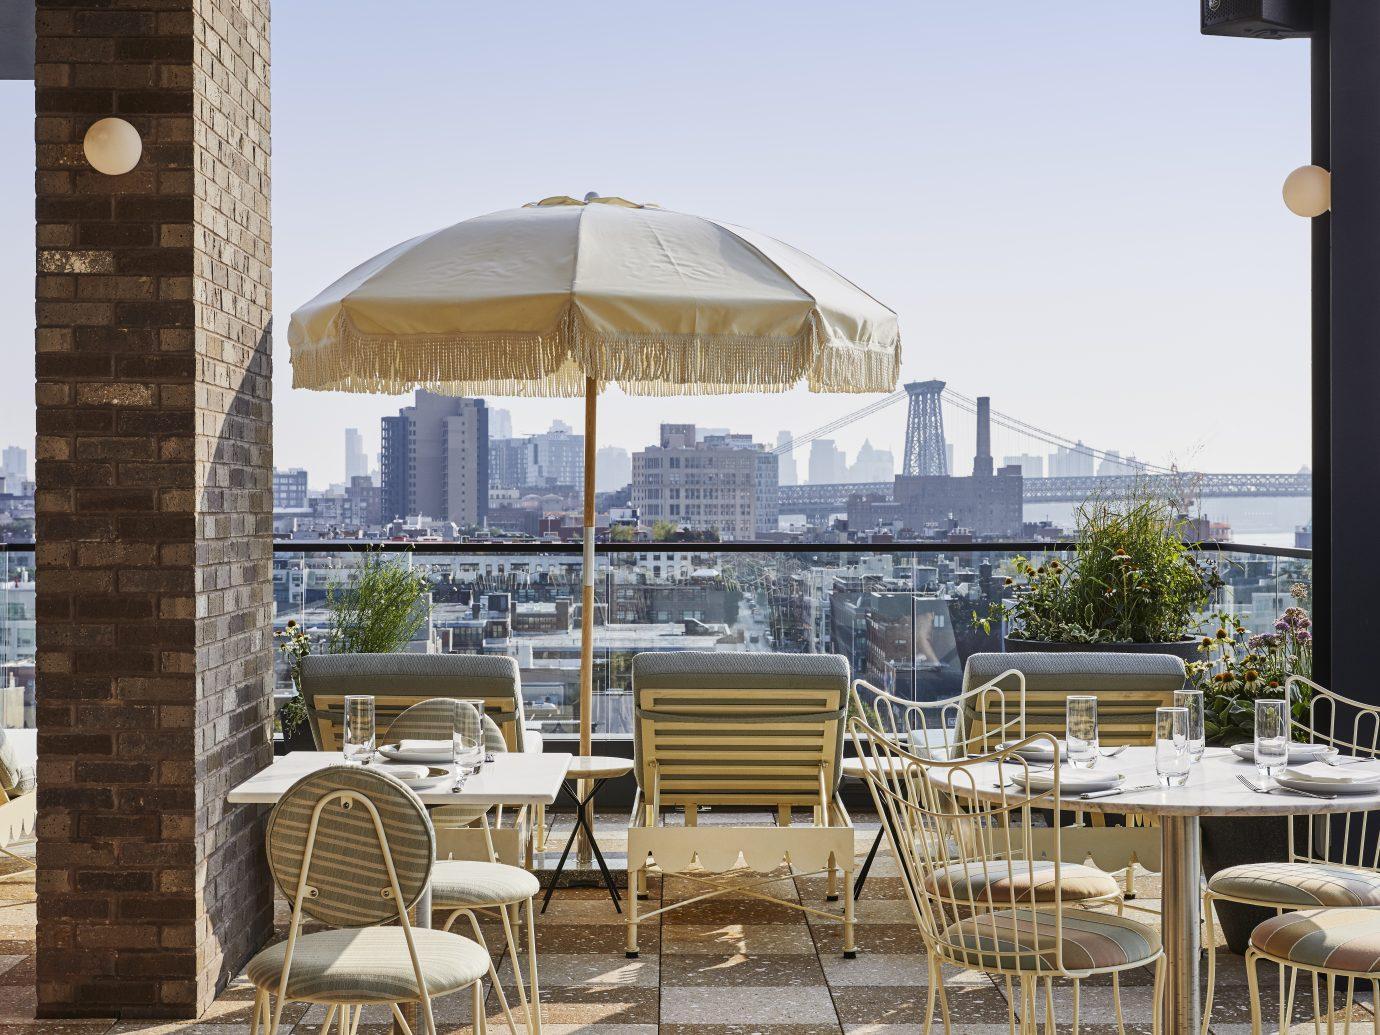 outdoor rooftop bar space